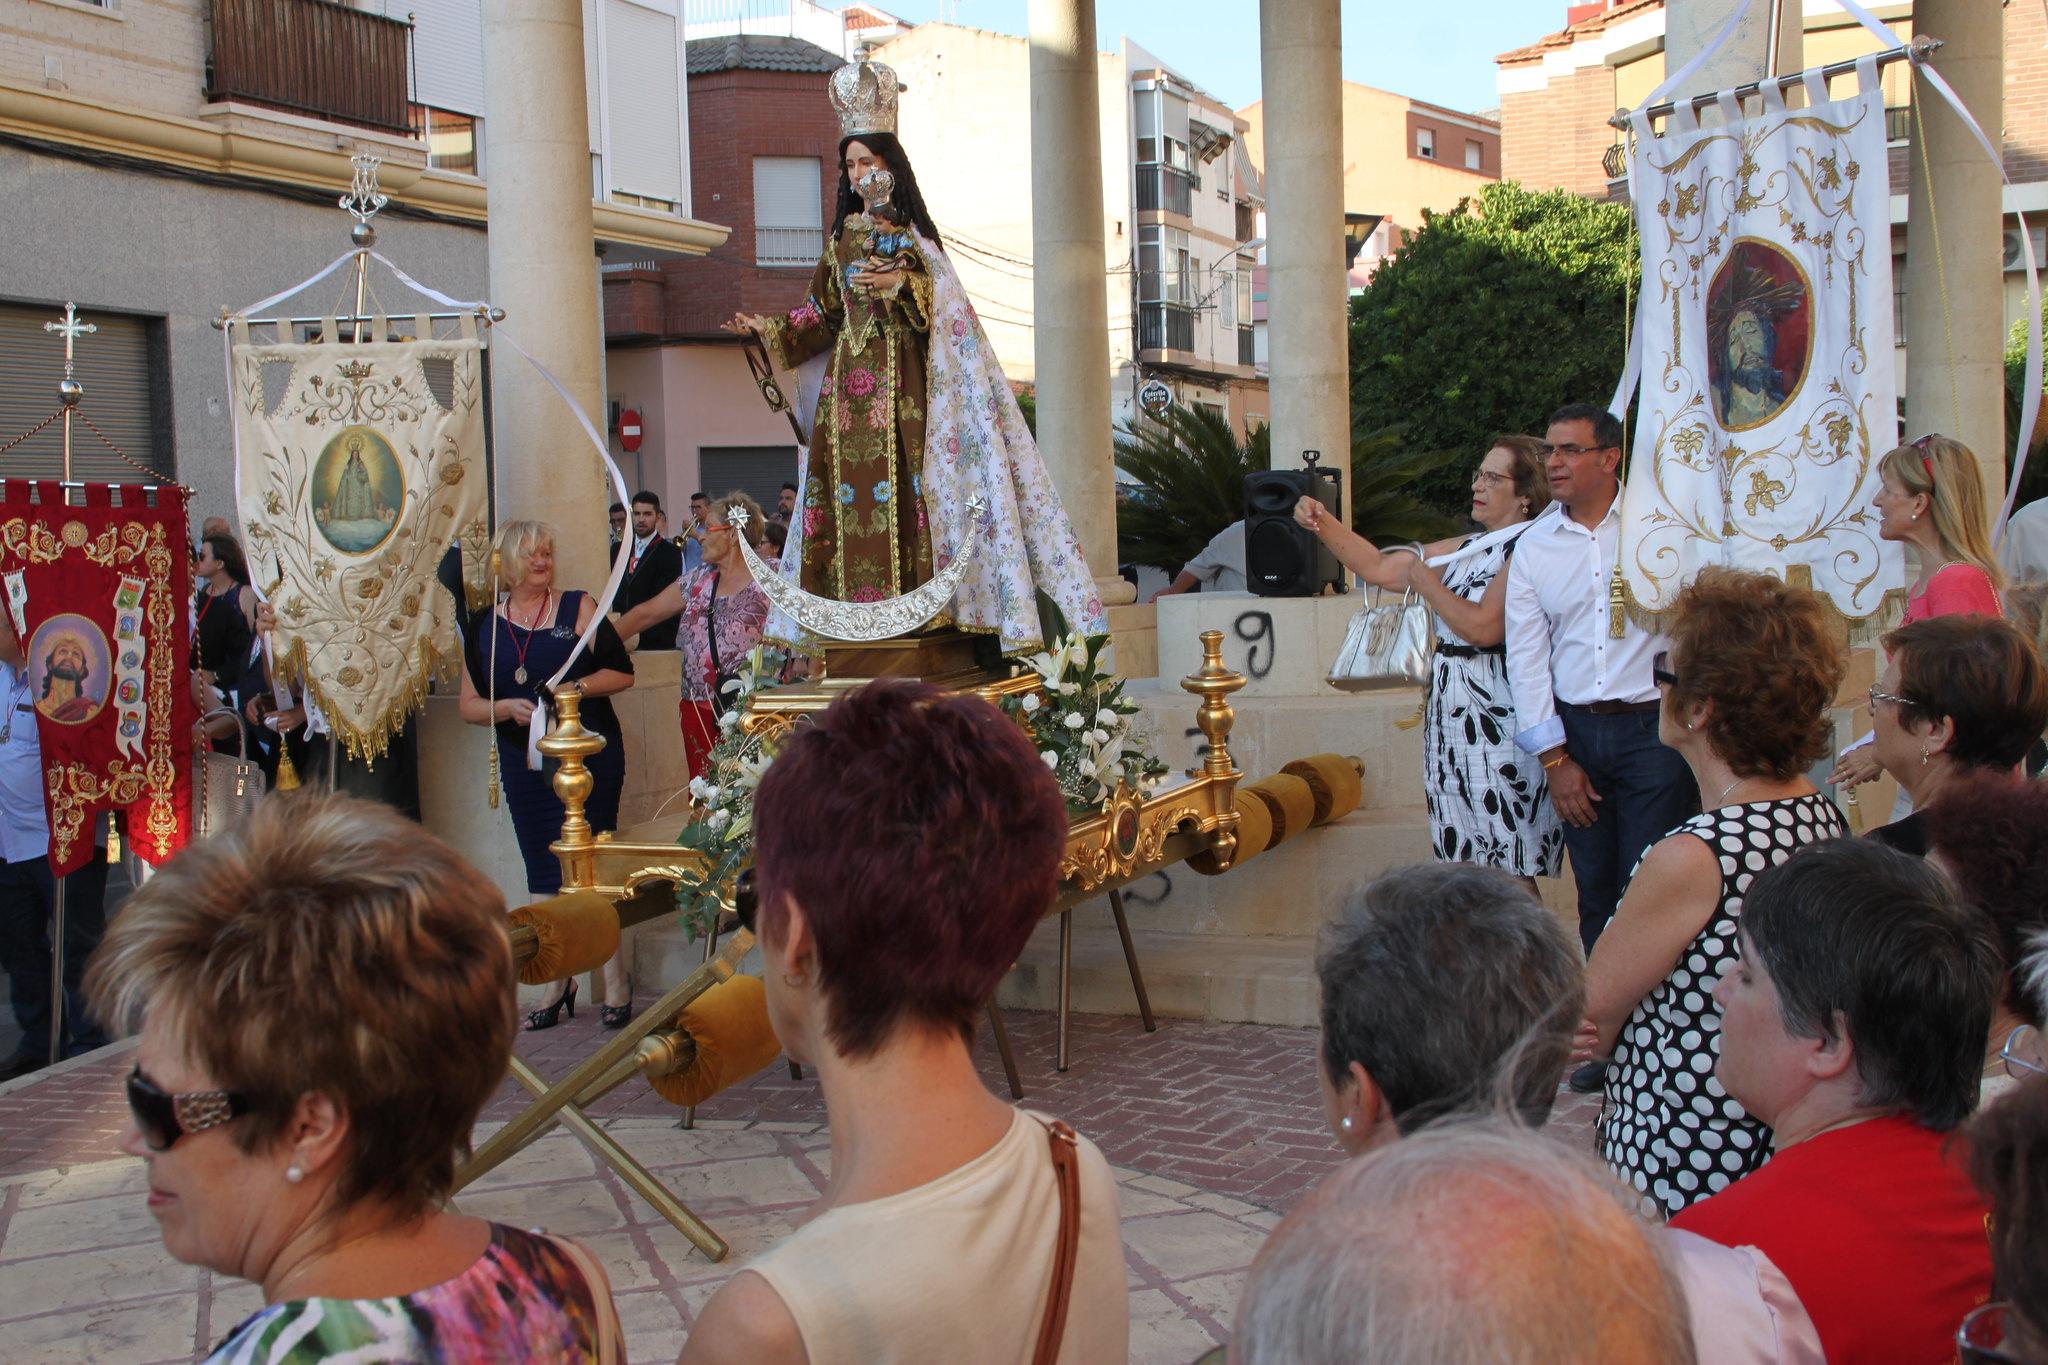 (2015-07-12) - Virgen del Carmen, parroquia La Santa Cruz - Javier Romero Ripoll (53)